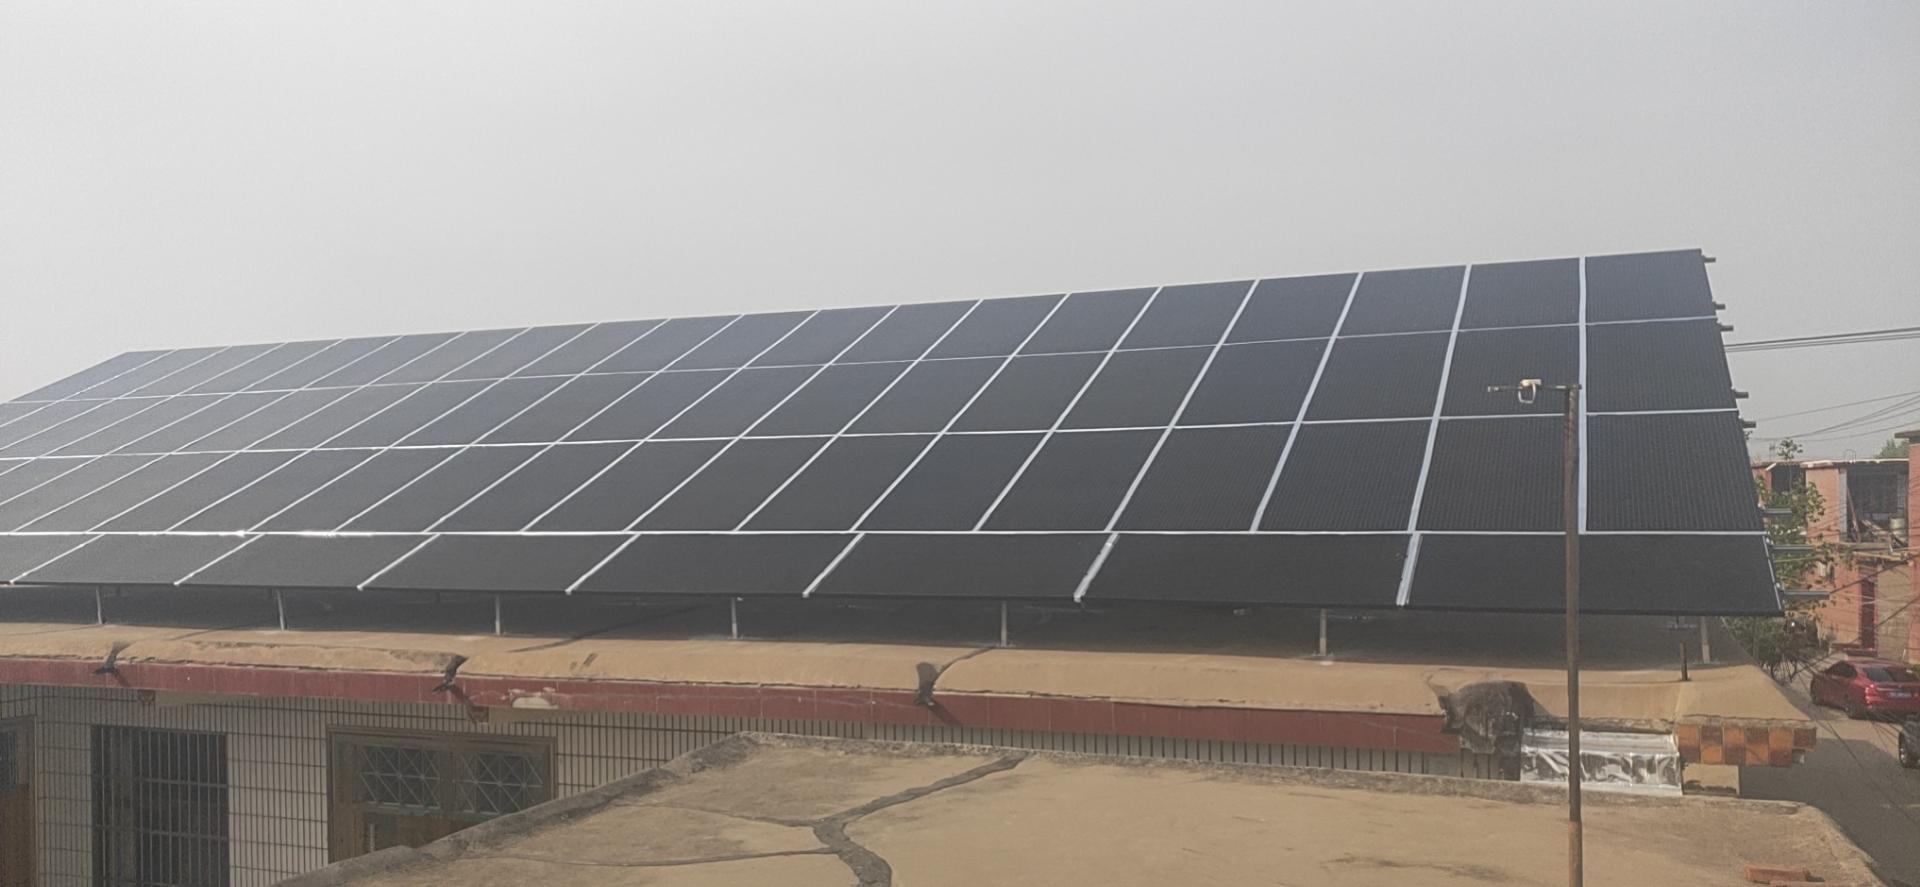 如何自制太阳能光伏发电系统?